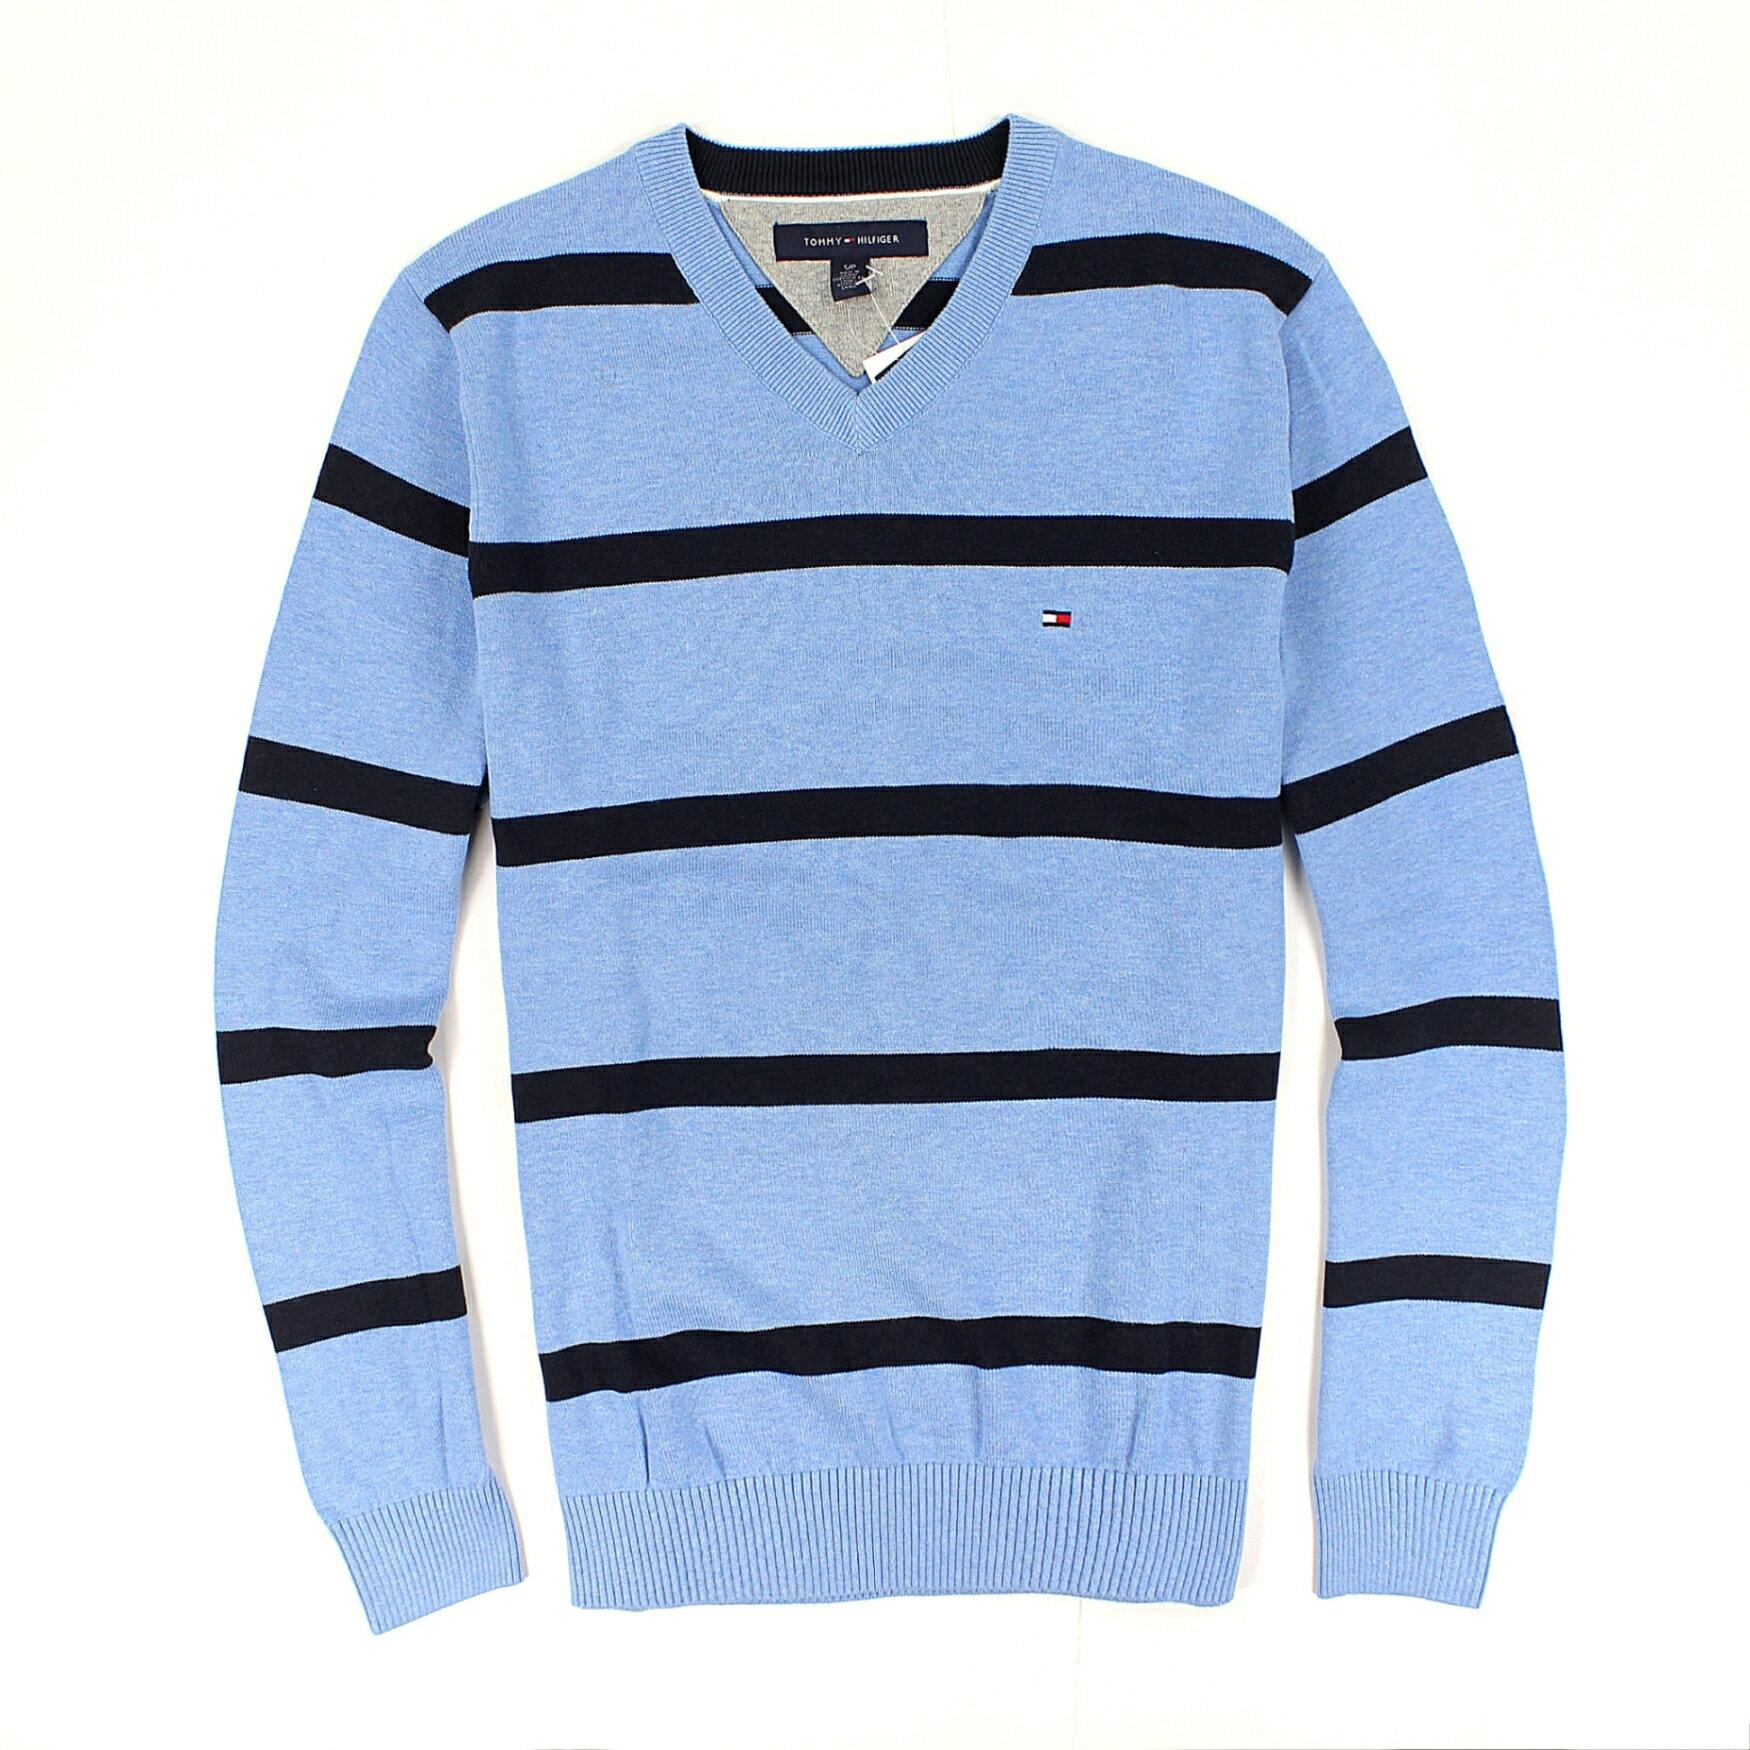 美國百分百【全新真品】Tommy Hilfiger 針織衫 TH 線衫 棉質毛衣 淺藍 條紋 V領 純棉 免運 男 S號 B615